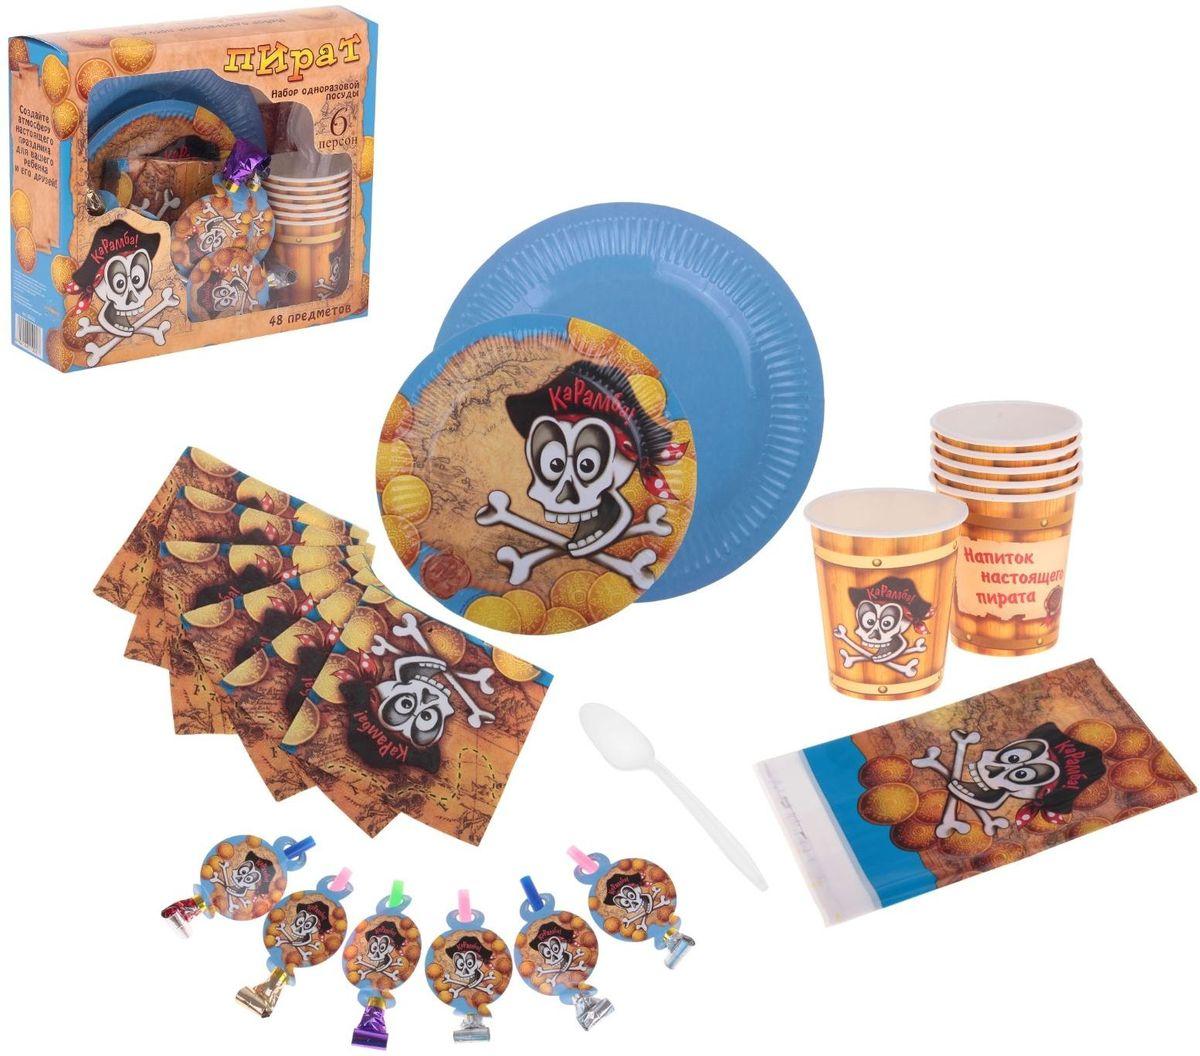 Страна Карнавалия Набор бумажной посуды Пират на 6 персон - Сервировка праздничного стола